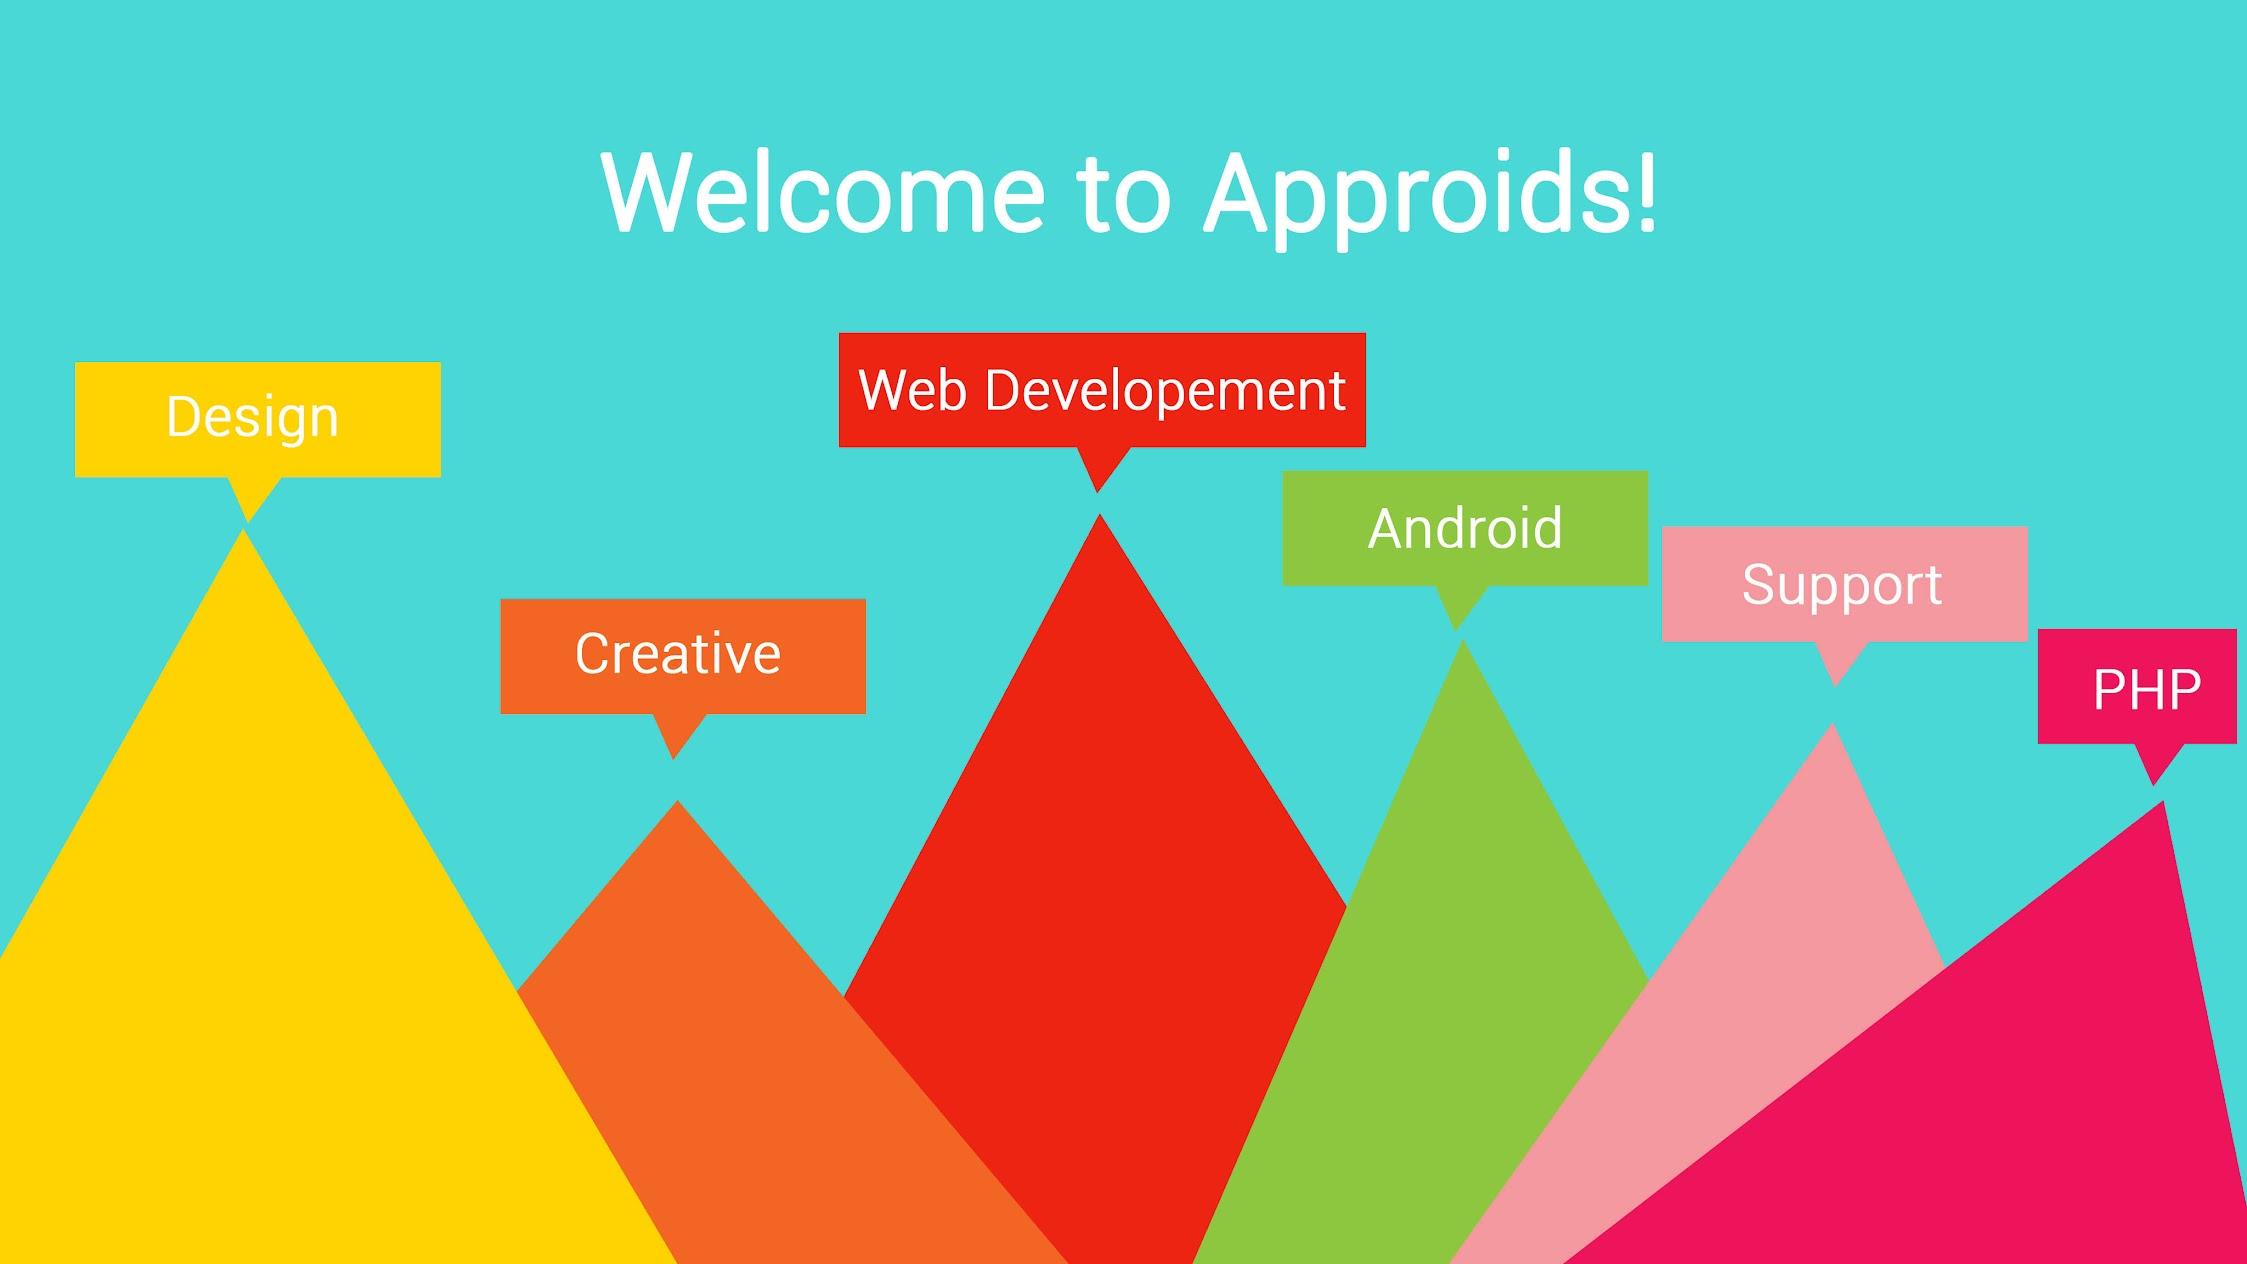 Approids Tech